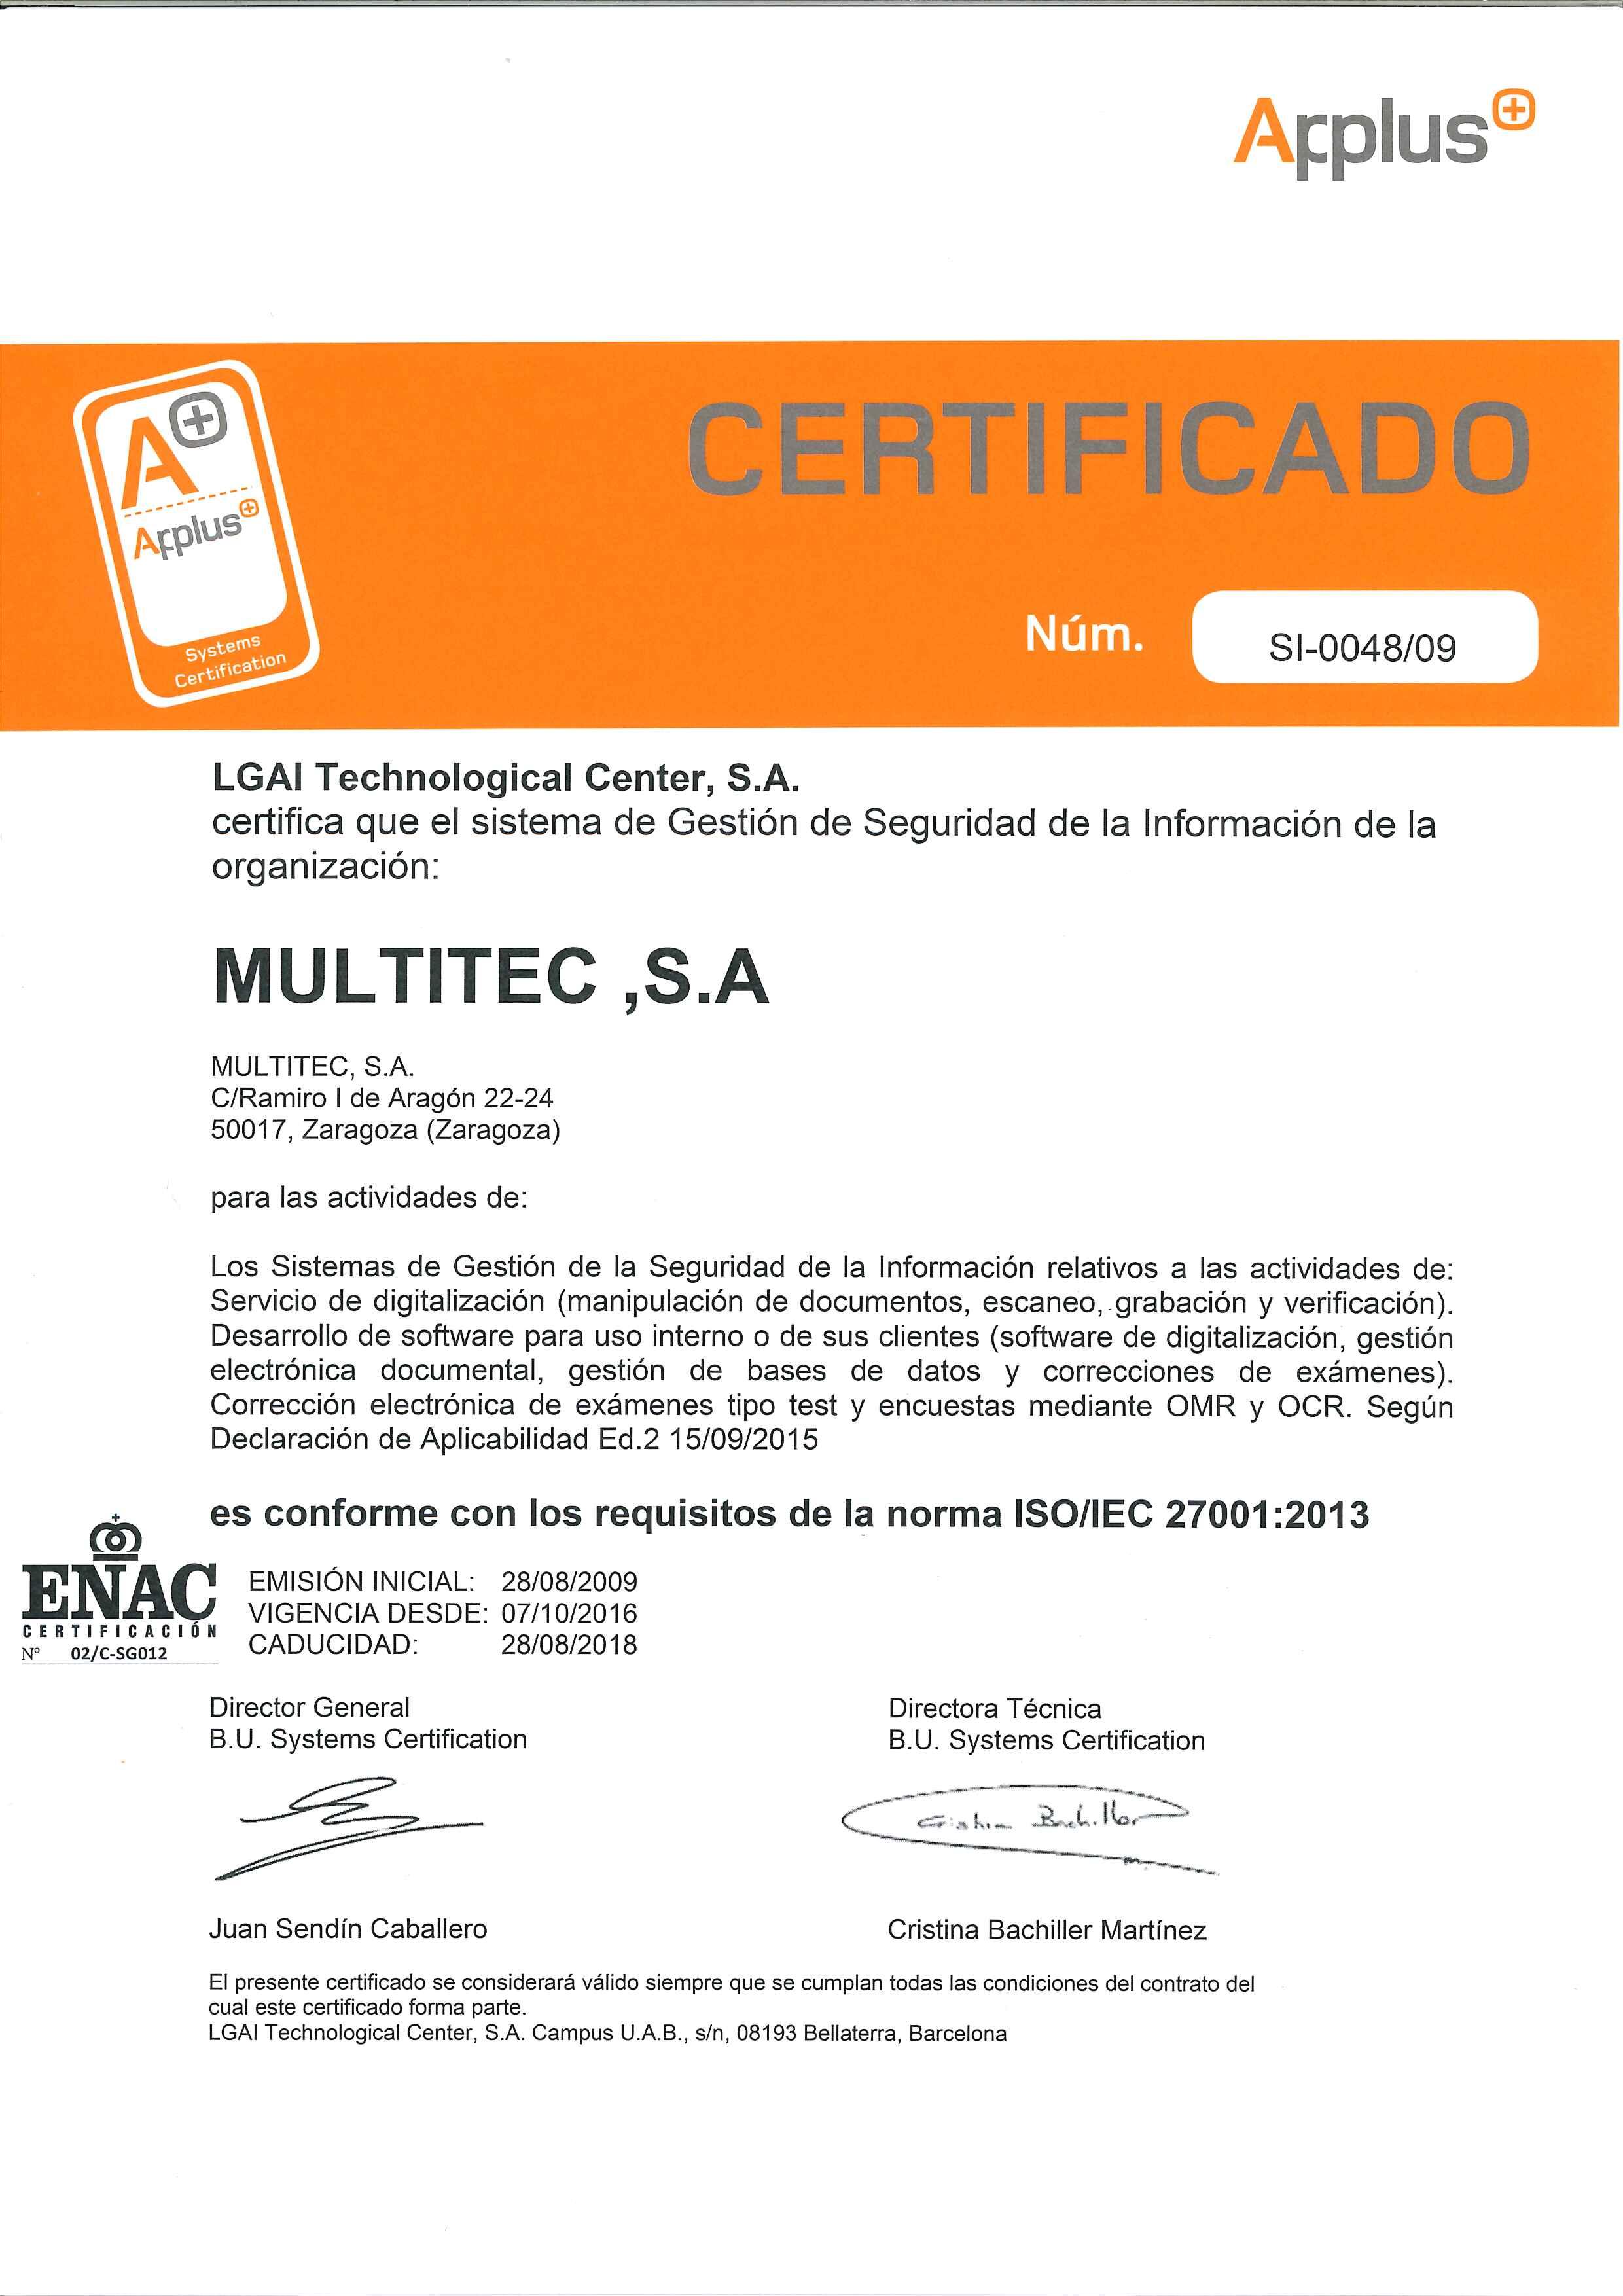 Certificado 2016 renovación ISO 27001 Multitec